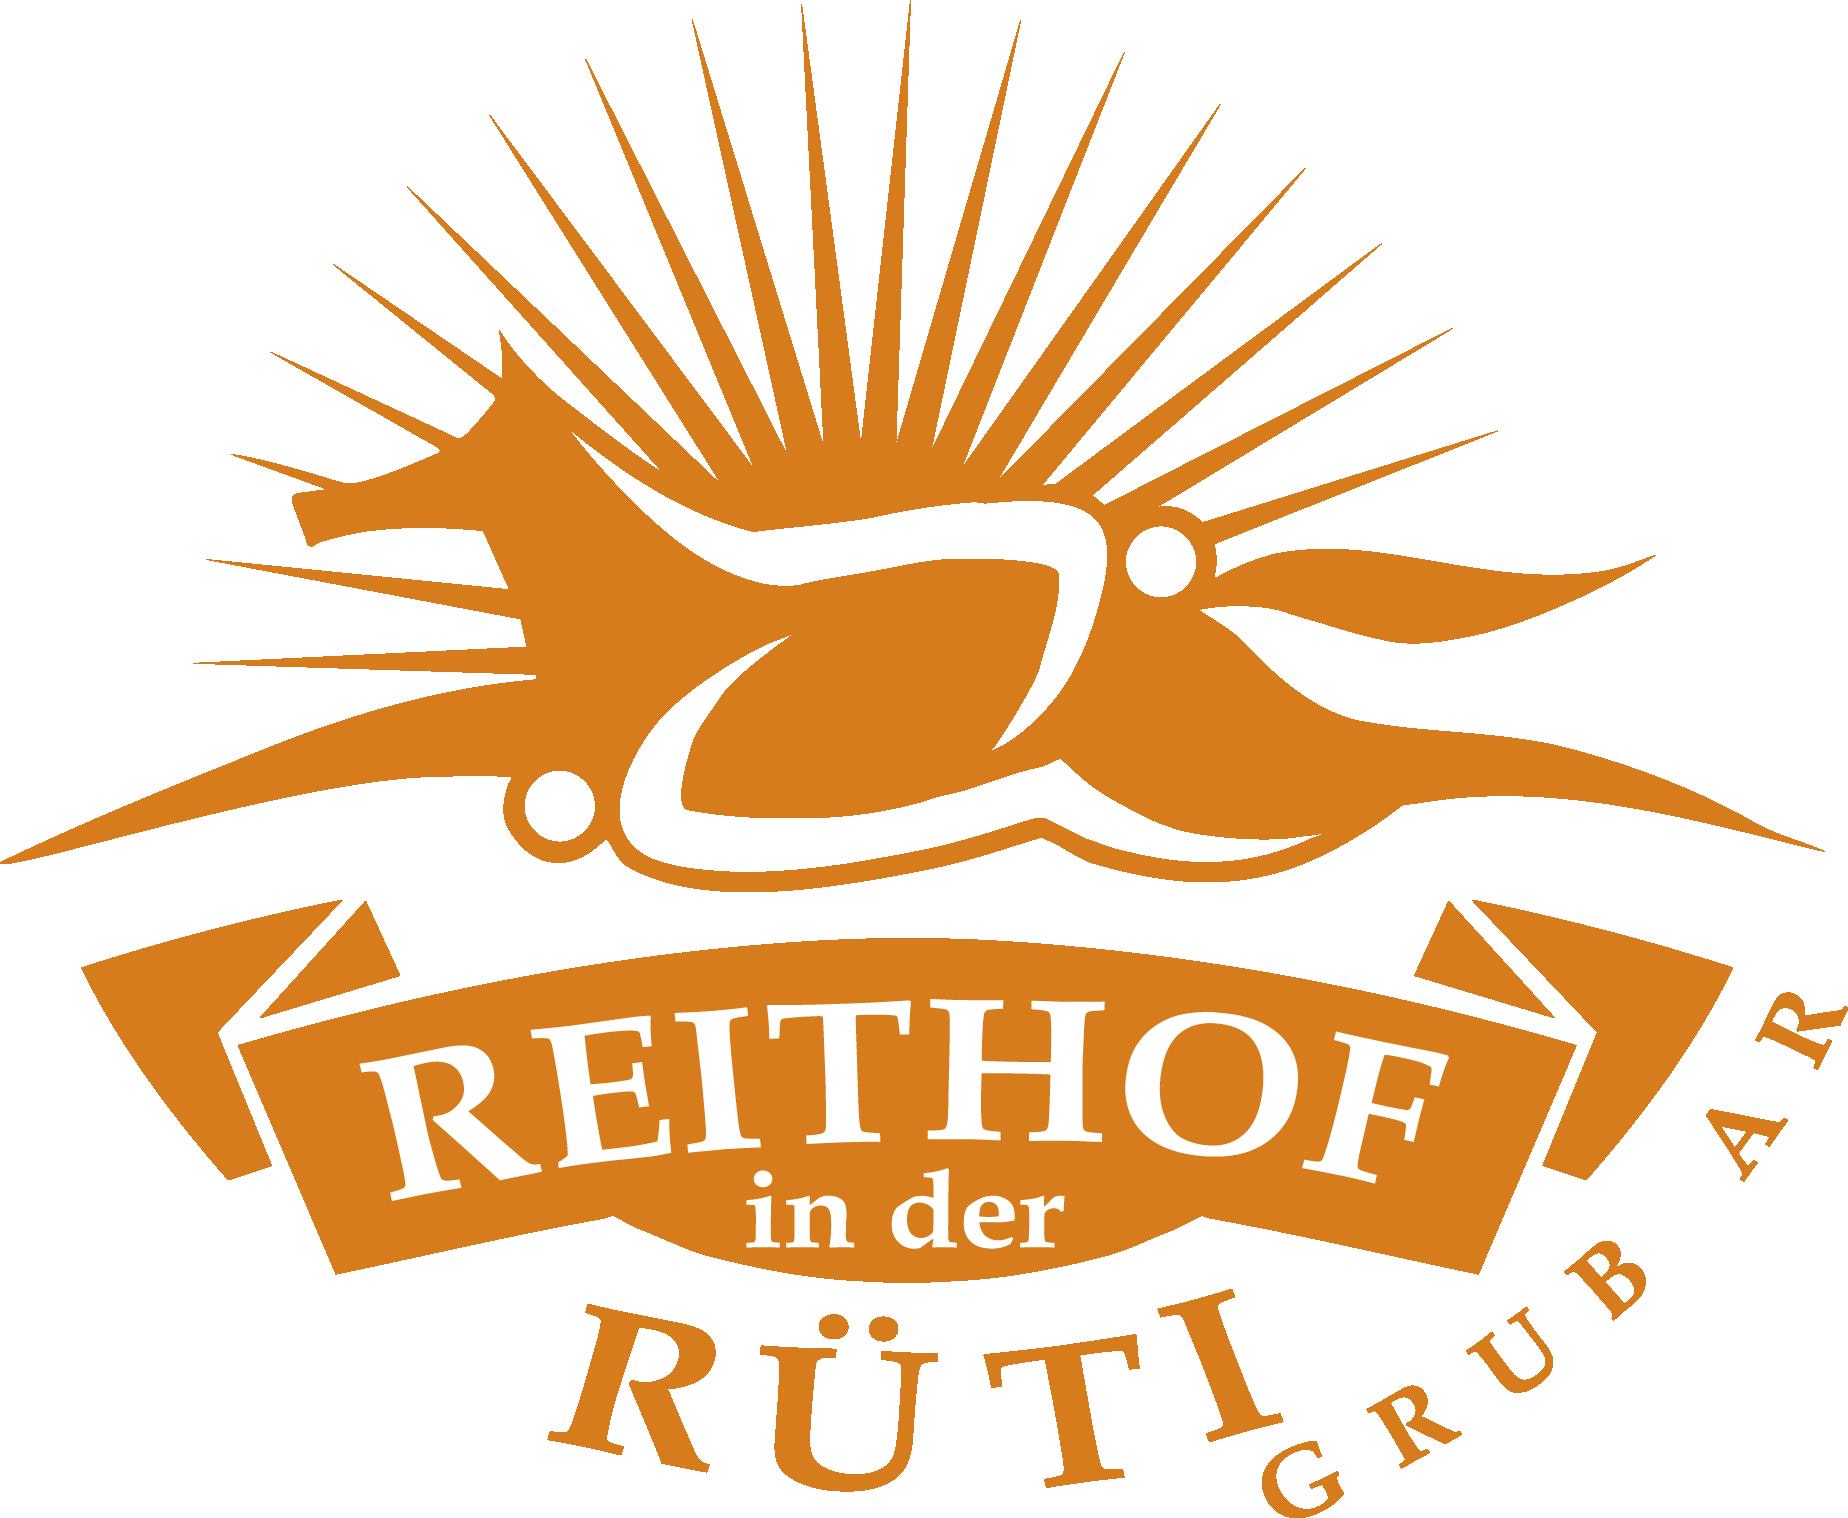 Reithof in der Rüti